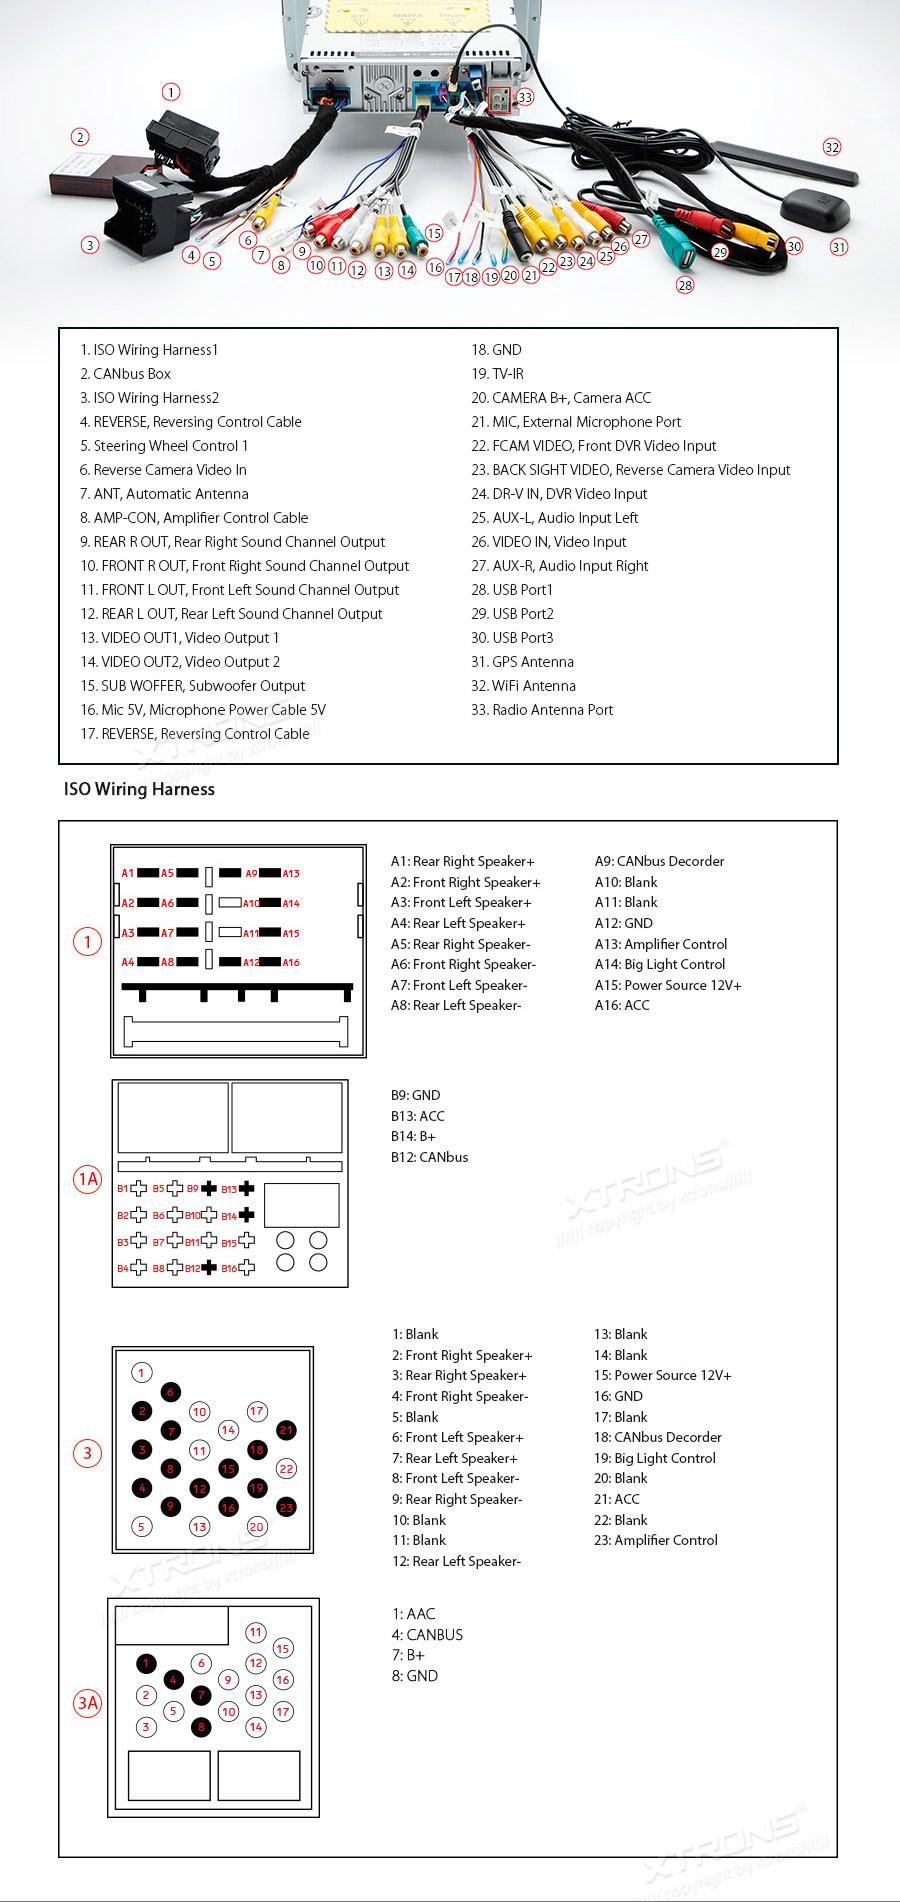 PA7853BIP-01_25